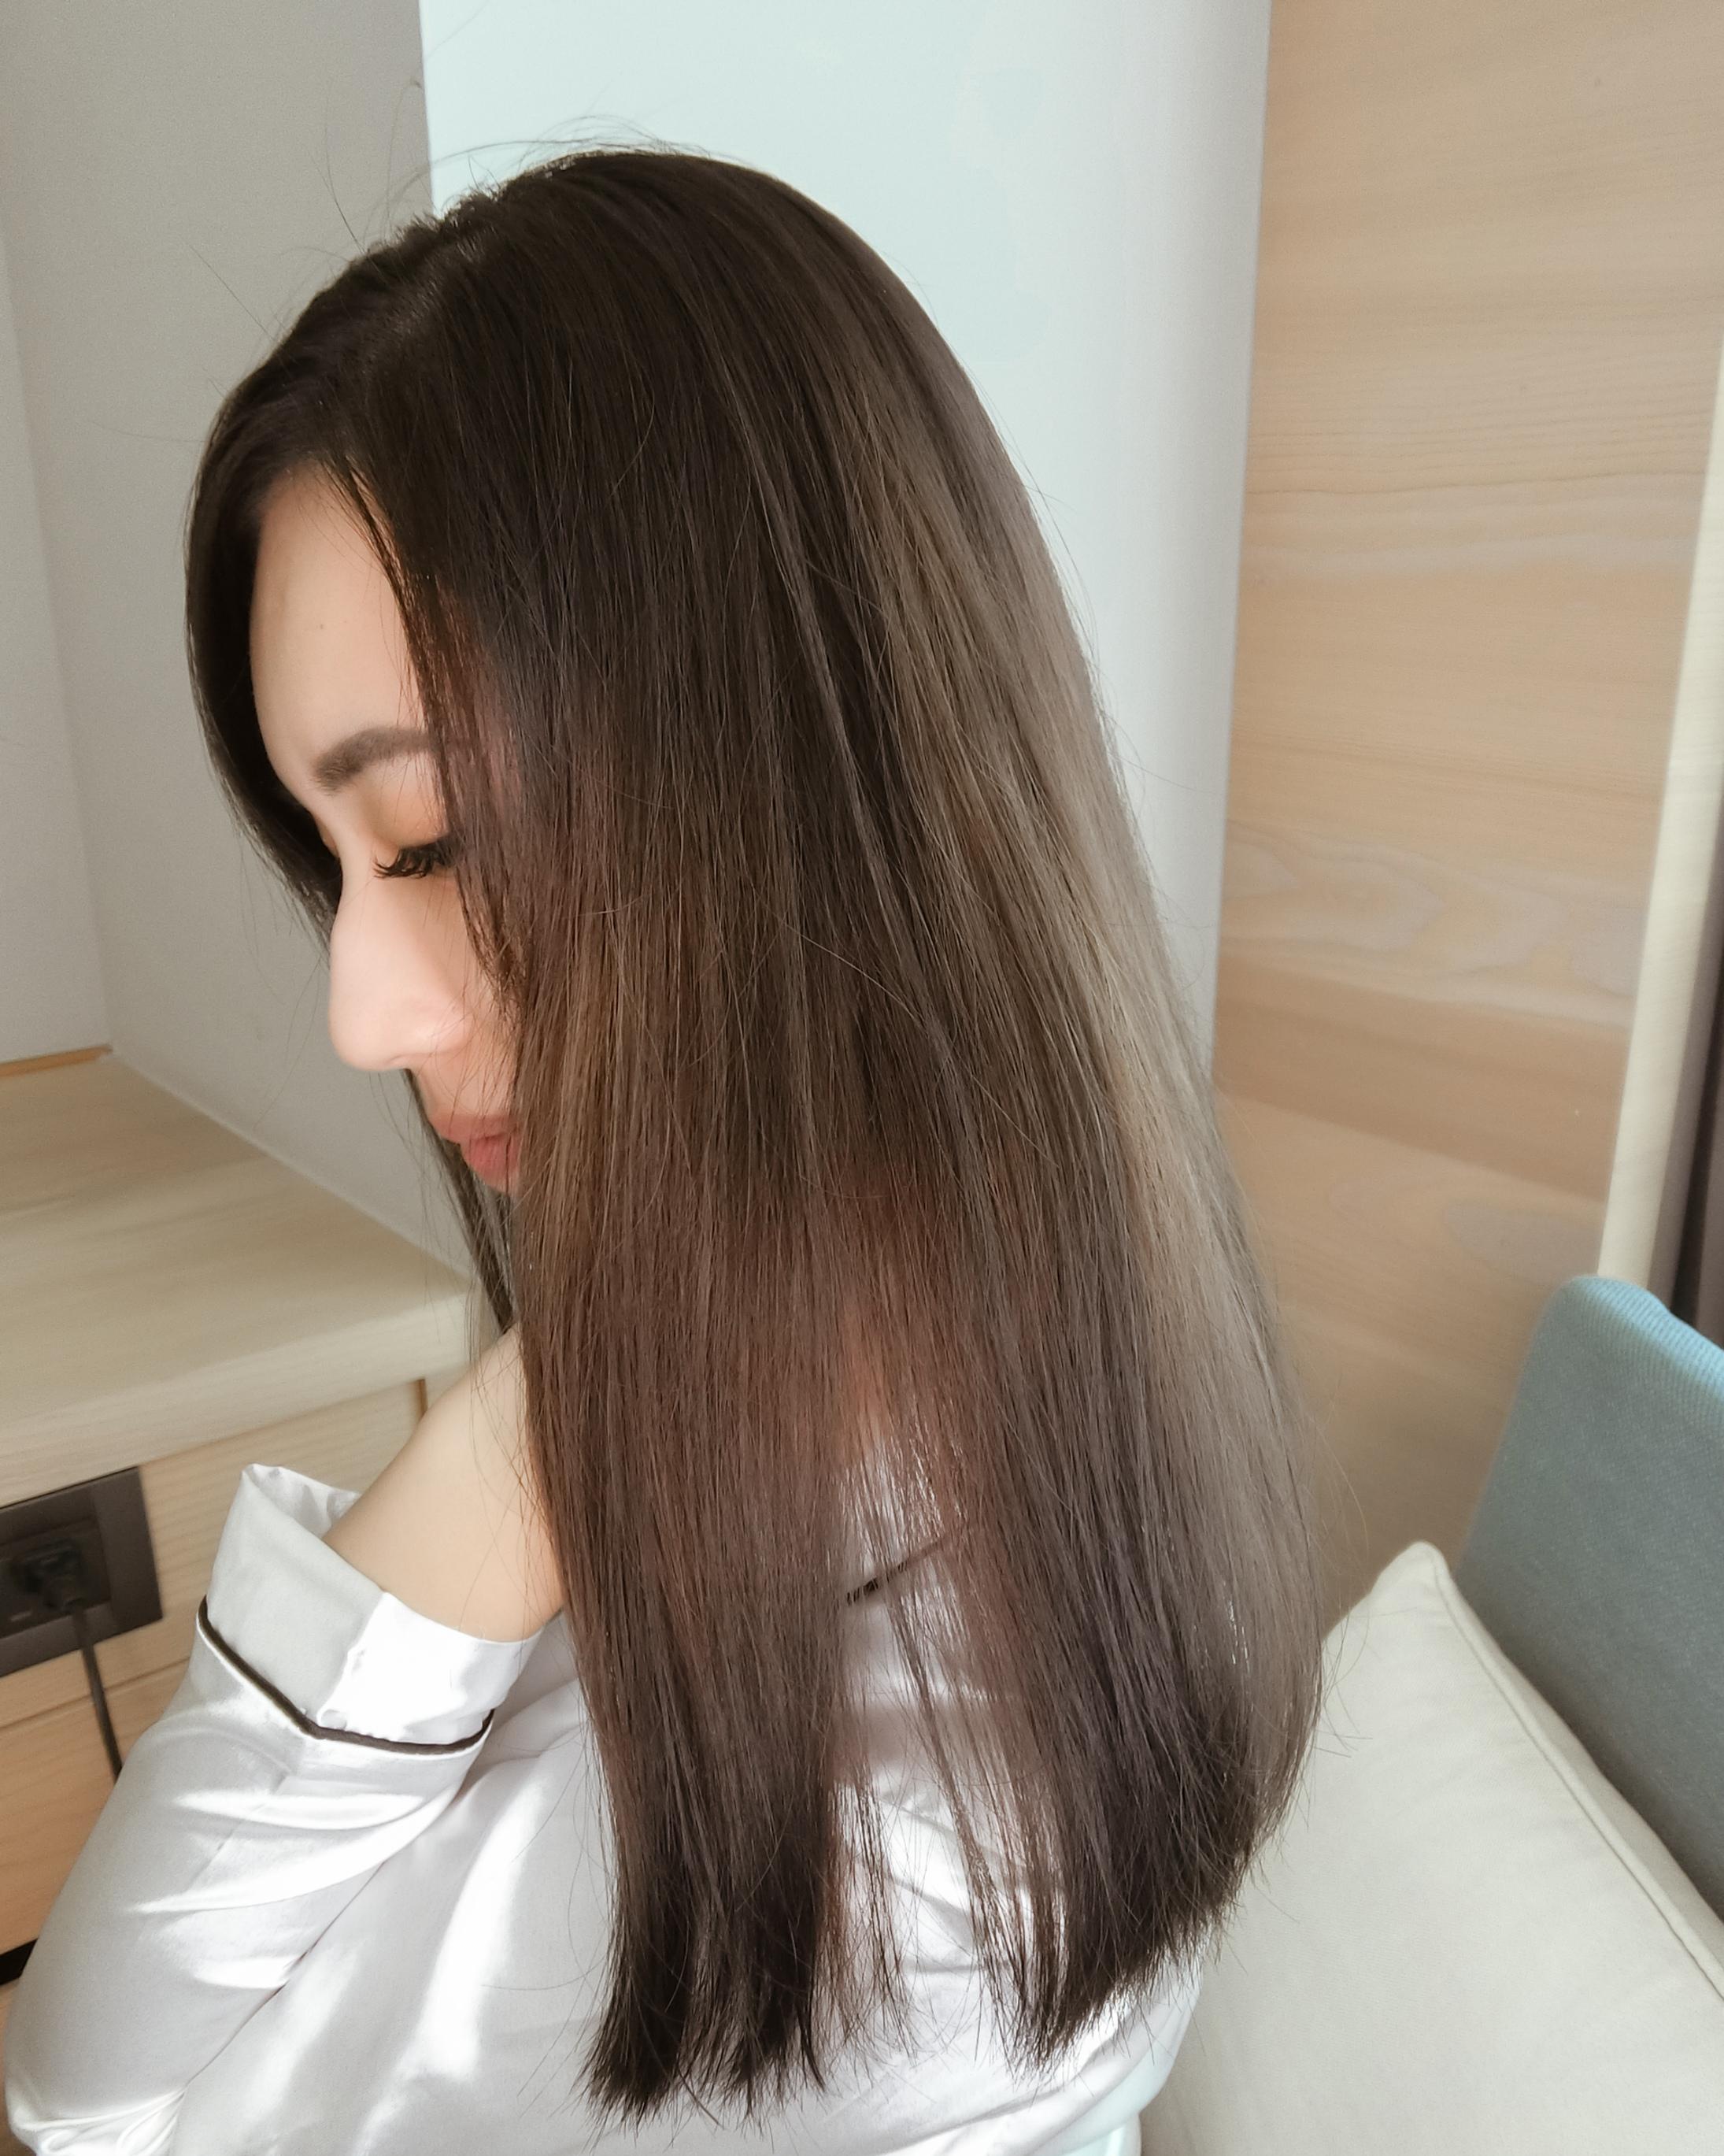 髮況皇后 LIKEY 萊客 洗髮精 護髮膜 精華露 打造輕柔秀髮三步驟20.JPG